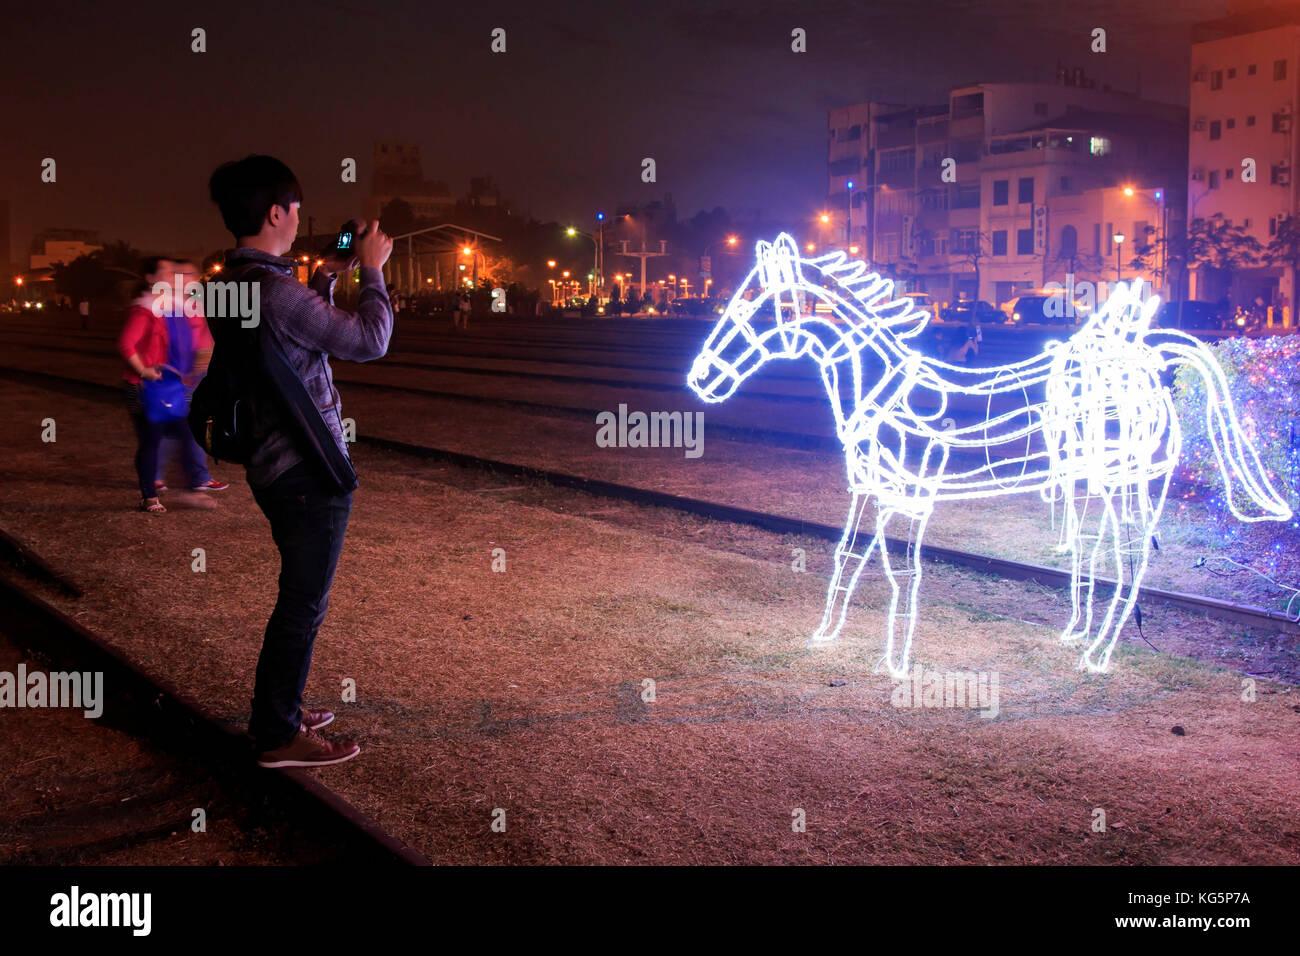 Chinesischer Kalender Stockfotos & Chinesischer Kalender Bilder - Alamy